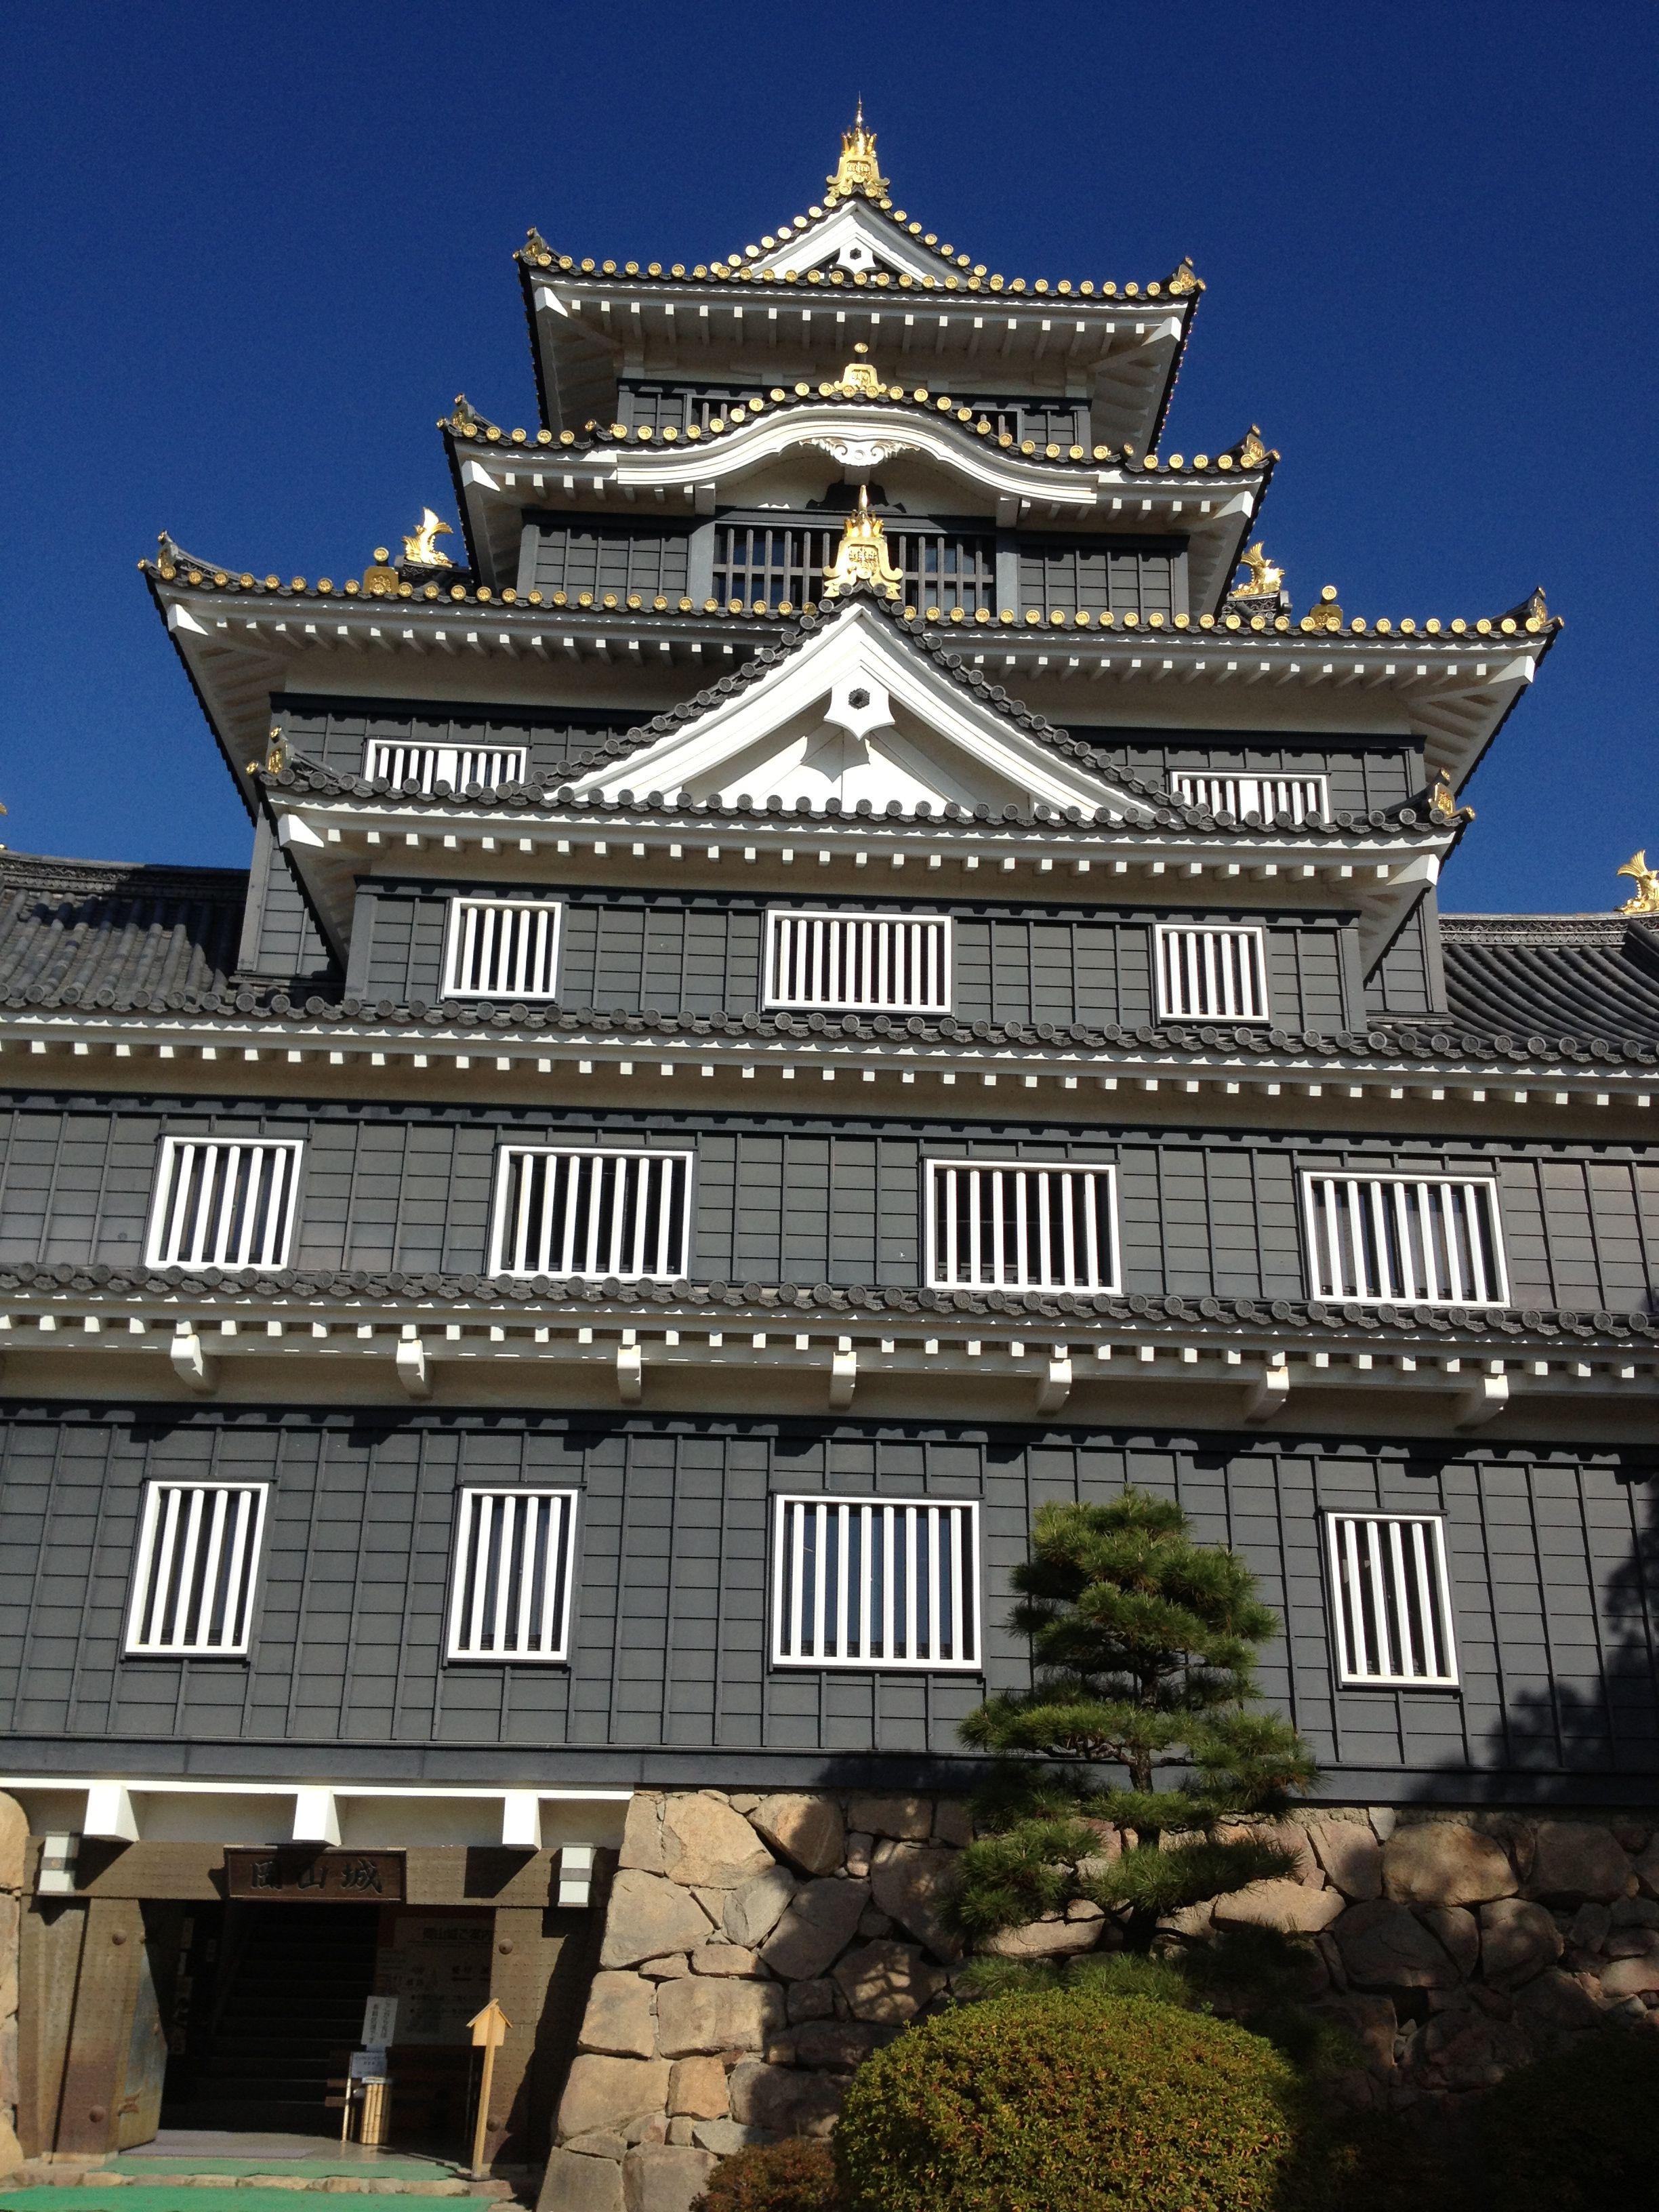 岡山城 Okayama-castle